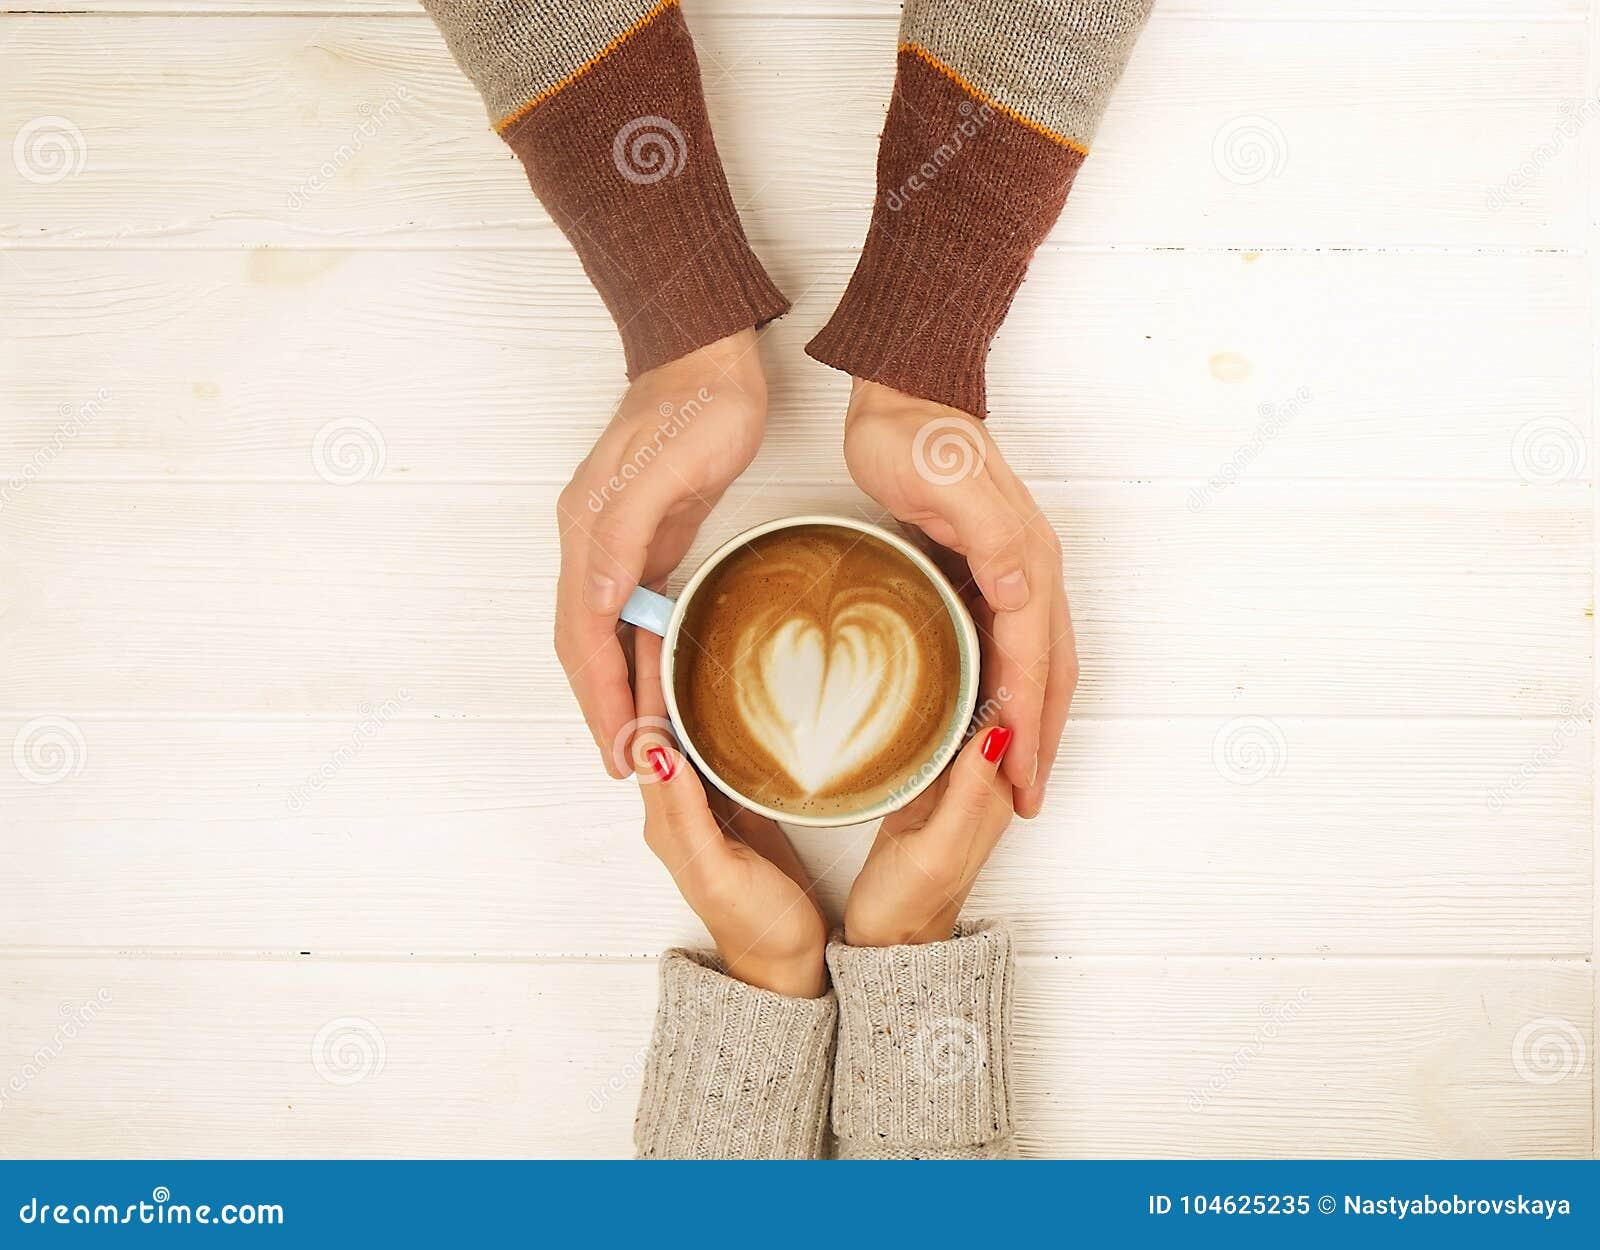 Download Het Paar In De Kop Van De Liefdeholding Van Coffe In Handen Op Houten Hoogste Mening Als Achtergrond, Wijnoogst Stemde Beeld Stock Afbeelding - Afbeelding bestaande uit kaukasisch, kerel: 104625235